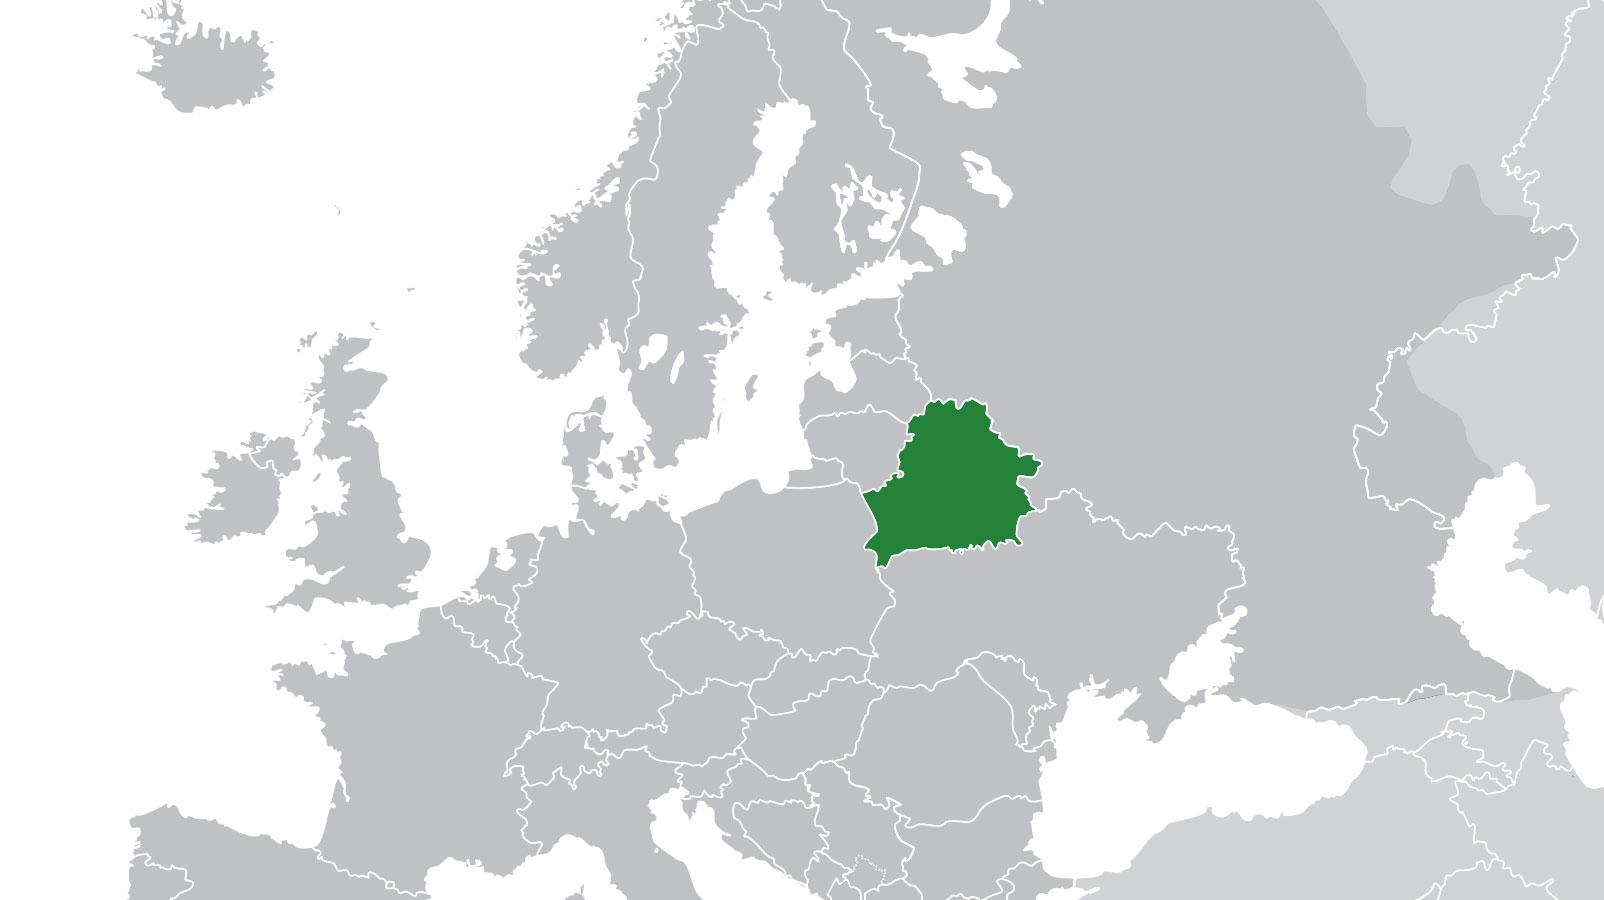 Localización geográfica de Bielorrusia